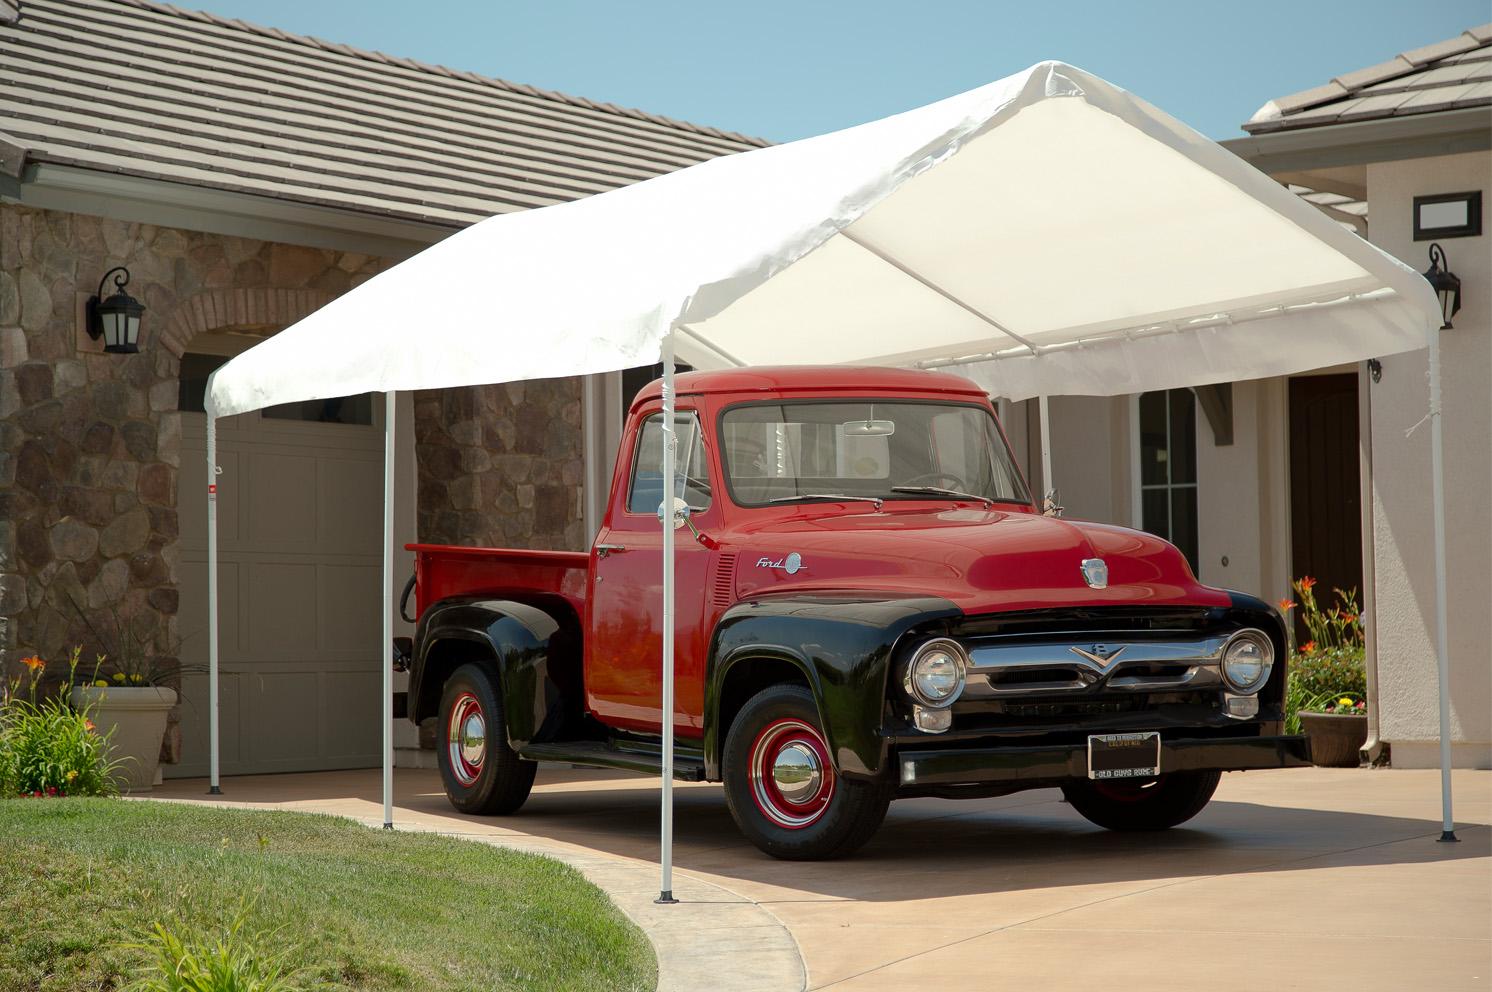 Portable Car Canopy 10'x20'